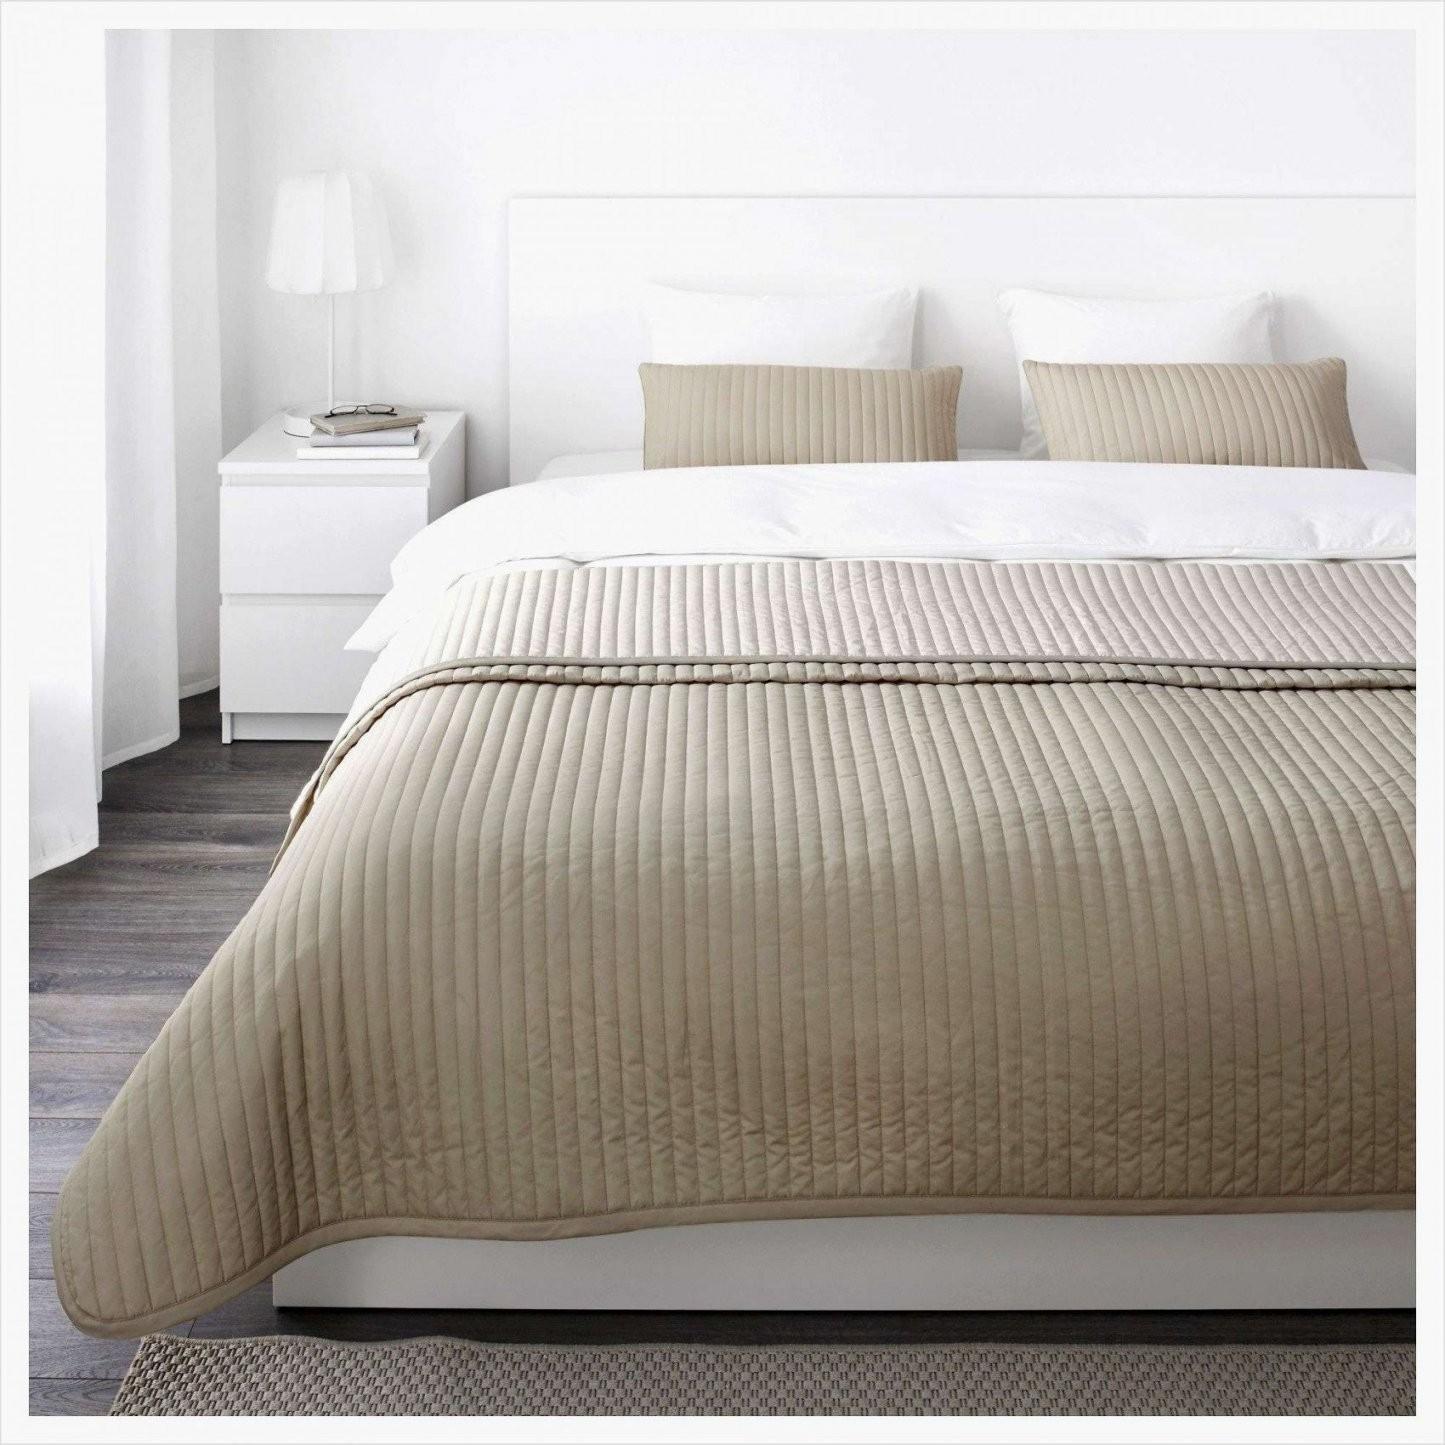 Ziemlich Tagesdecke Bett 140×200 Tagesdecken Fur Betten 180×200 Von von Tagesdecke Für Bett 180X200 Bild